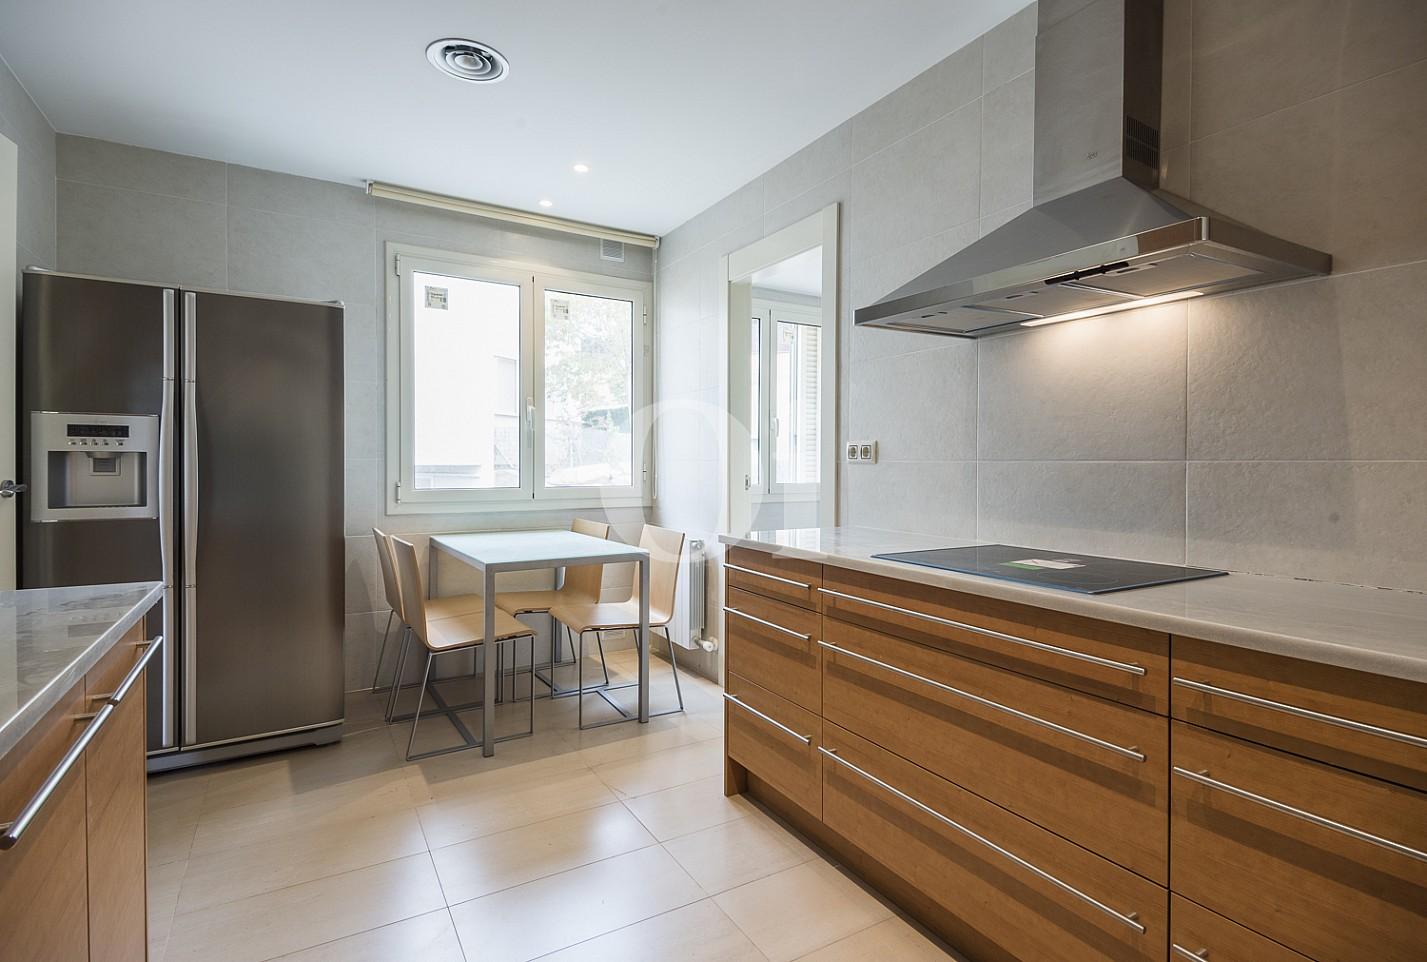 Vistas de la cocina amplia y muy luminosa